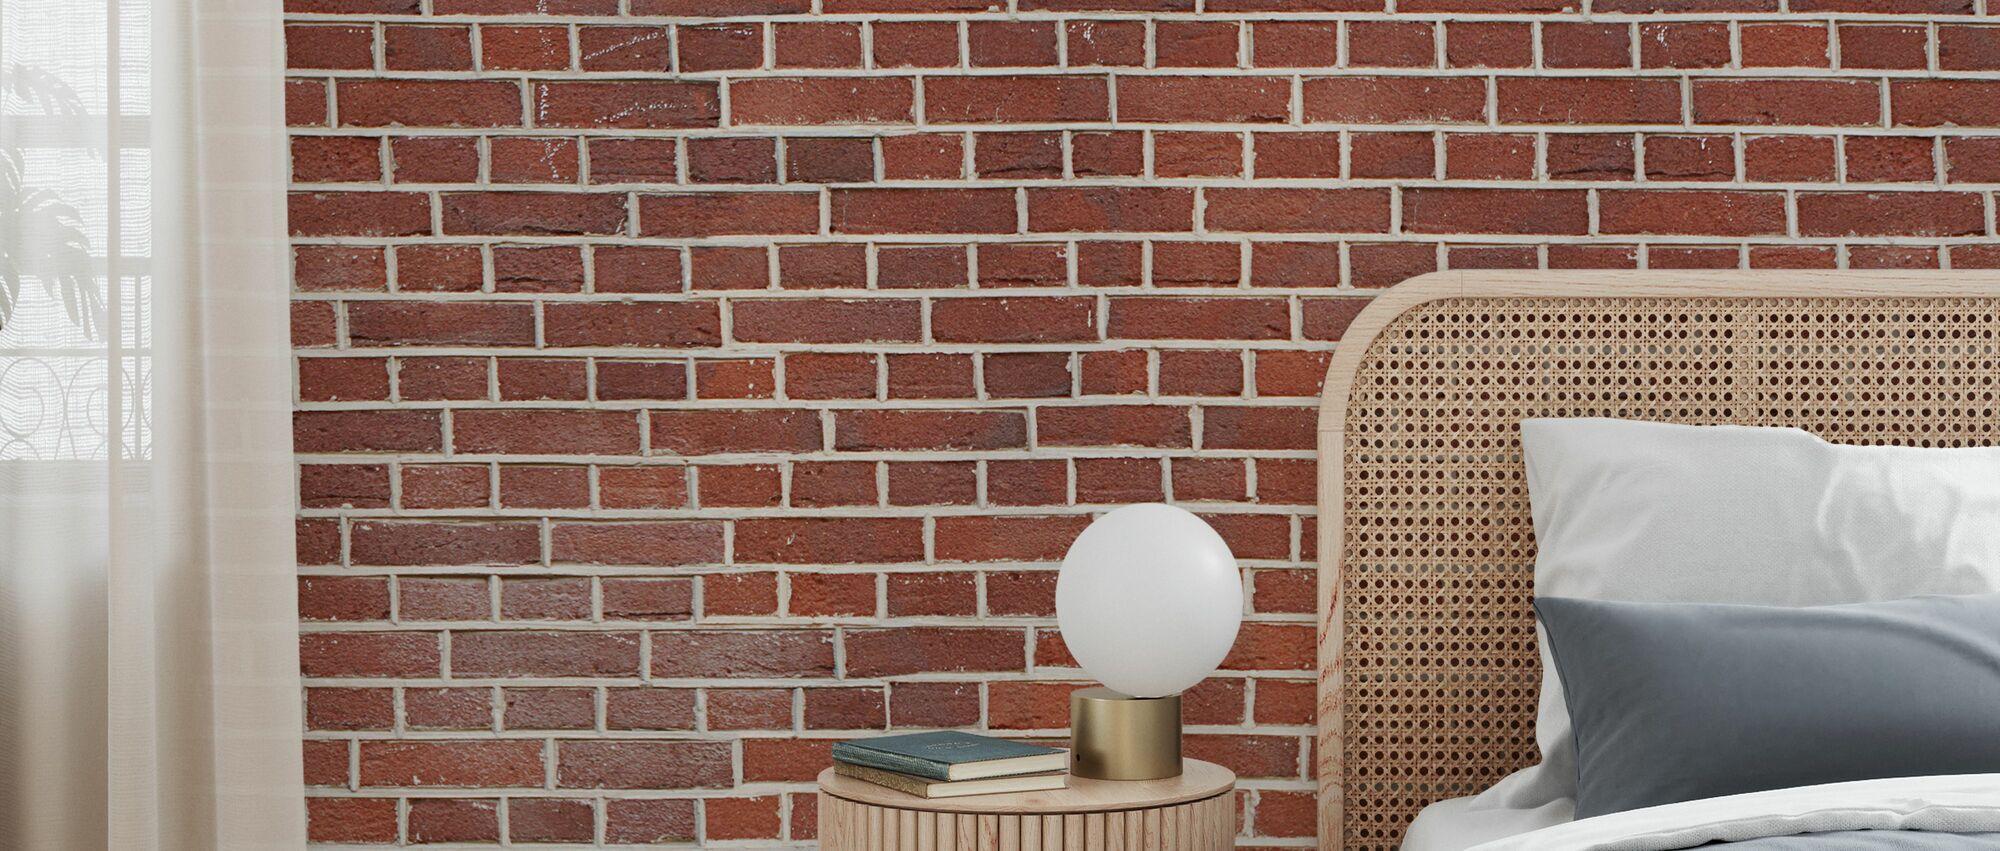 Brixton Brick Wall - Wallpaper - Bedroom